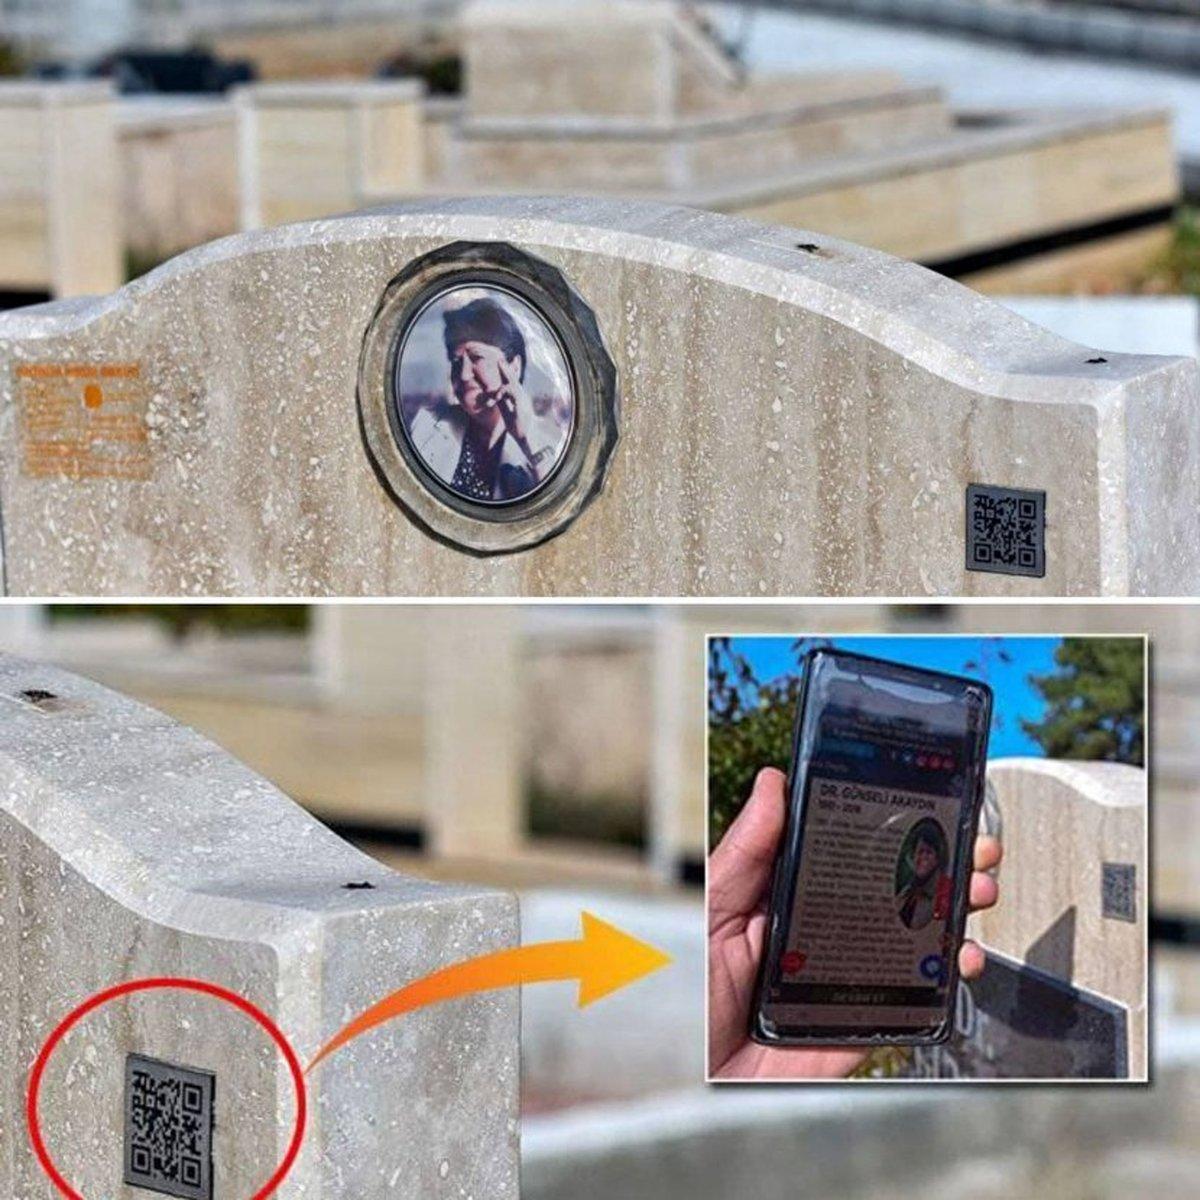 سنگ قبرهای ترکیه به کد کیوآر مجهز شد